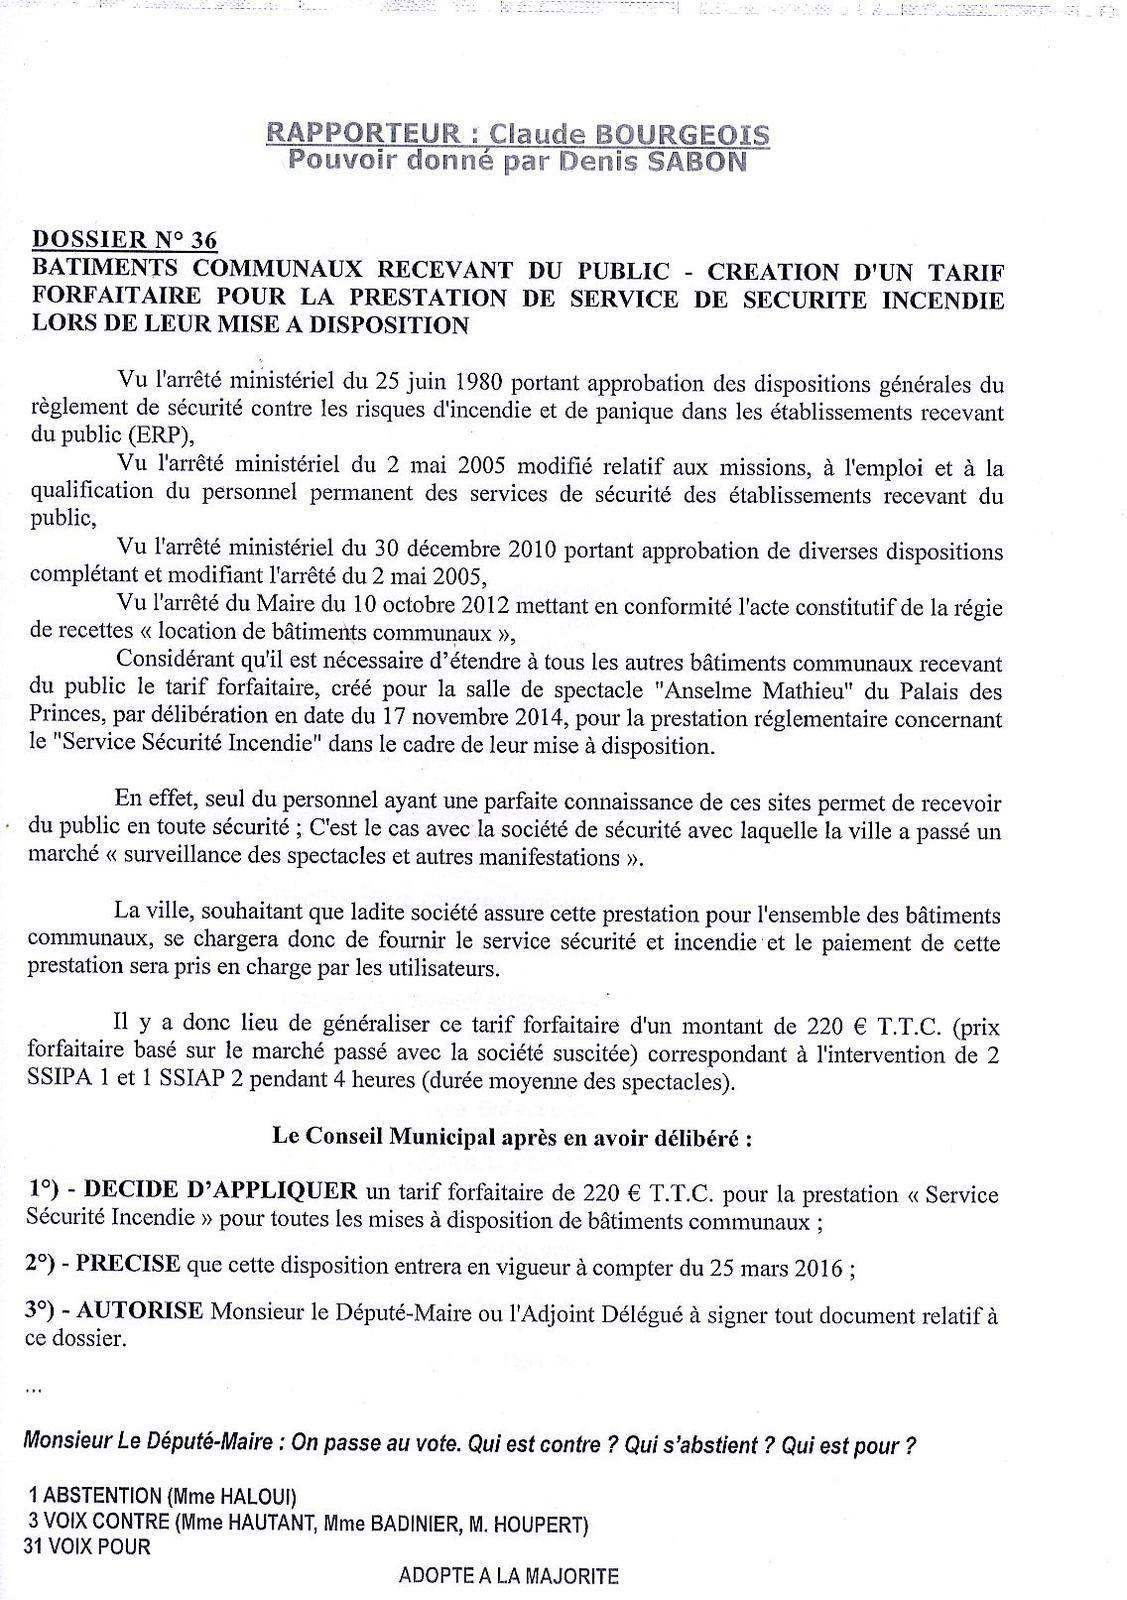 """délibération """"fille"""" du 21 mars 2016"""